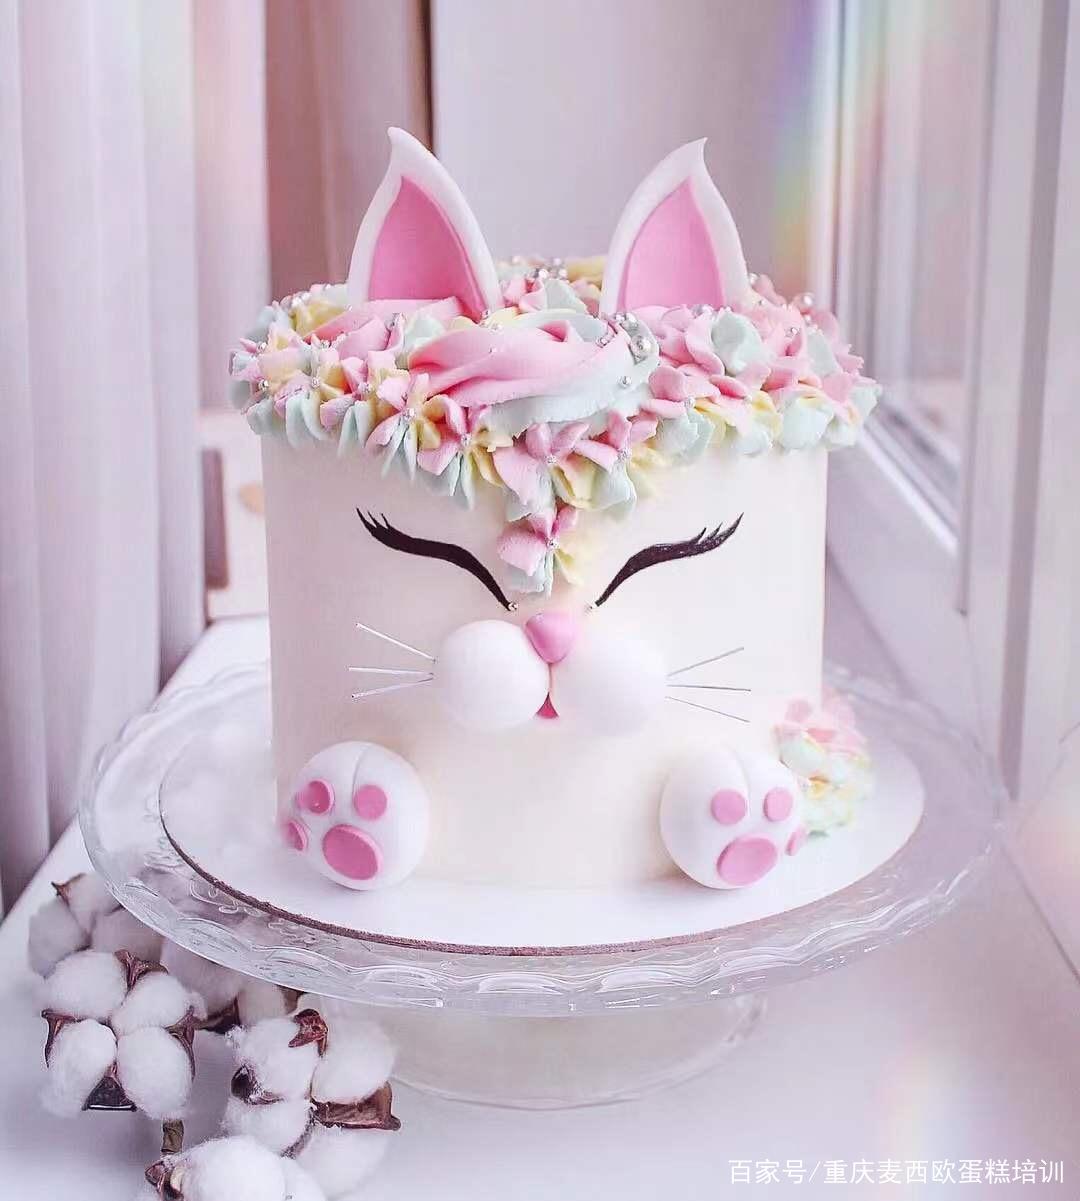 重庆生日蛋糕培训之蛋糕装饰设计要领